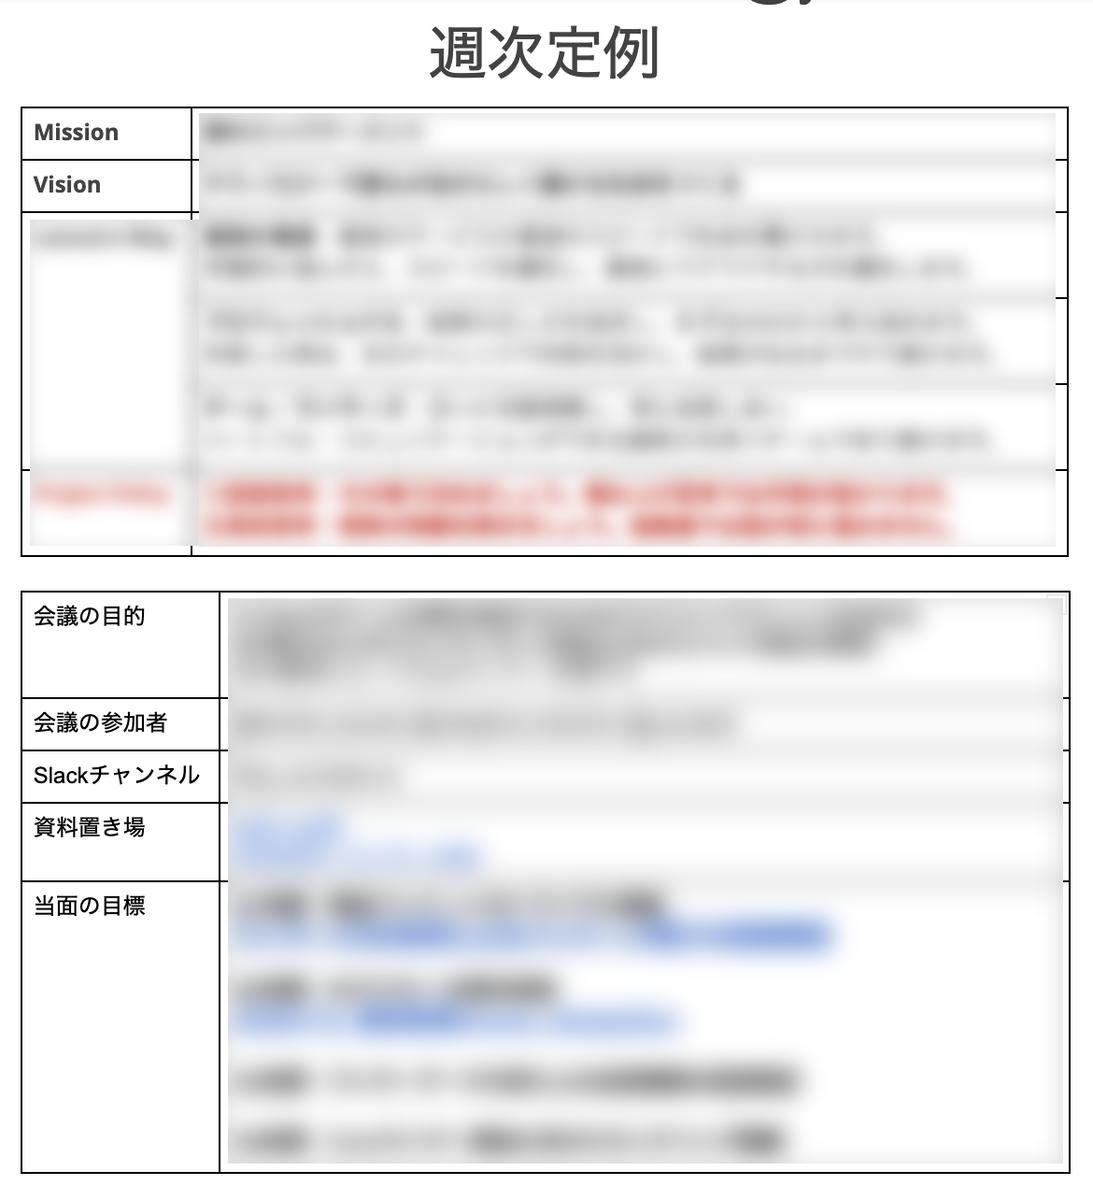 f:id:yuzutas0:20210327161256p:plain:w200